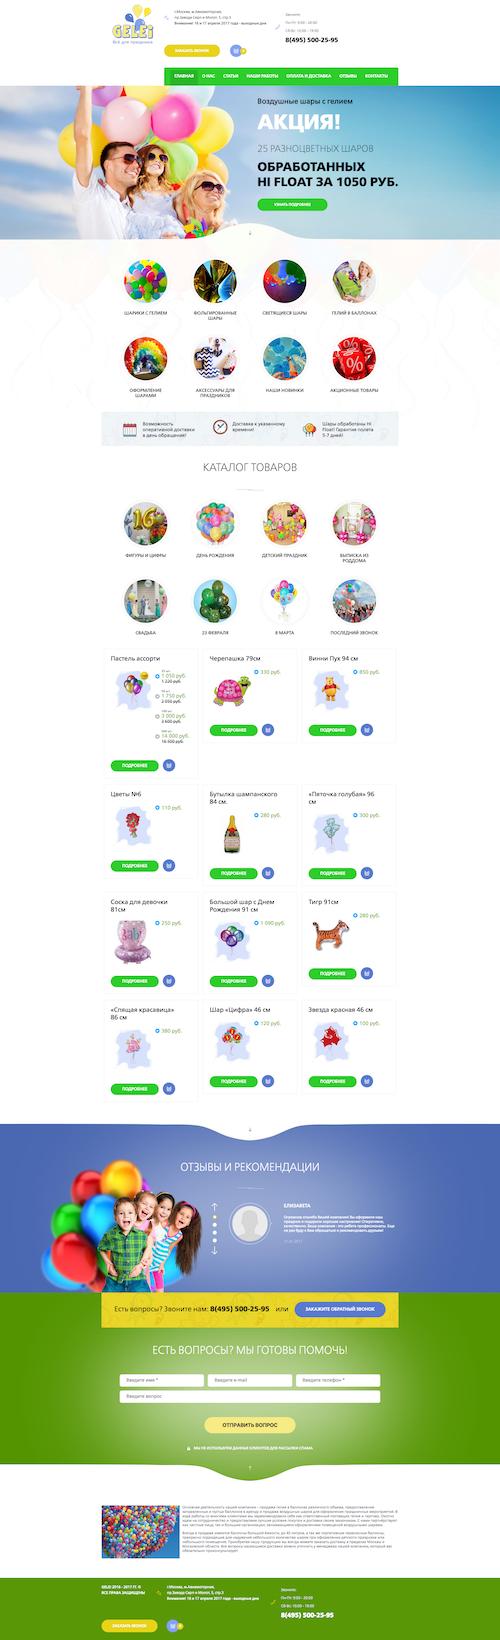 создание сайта о шарах